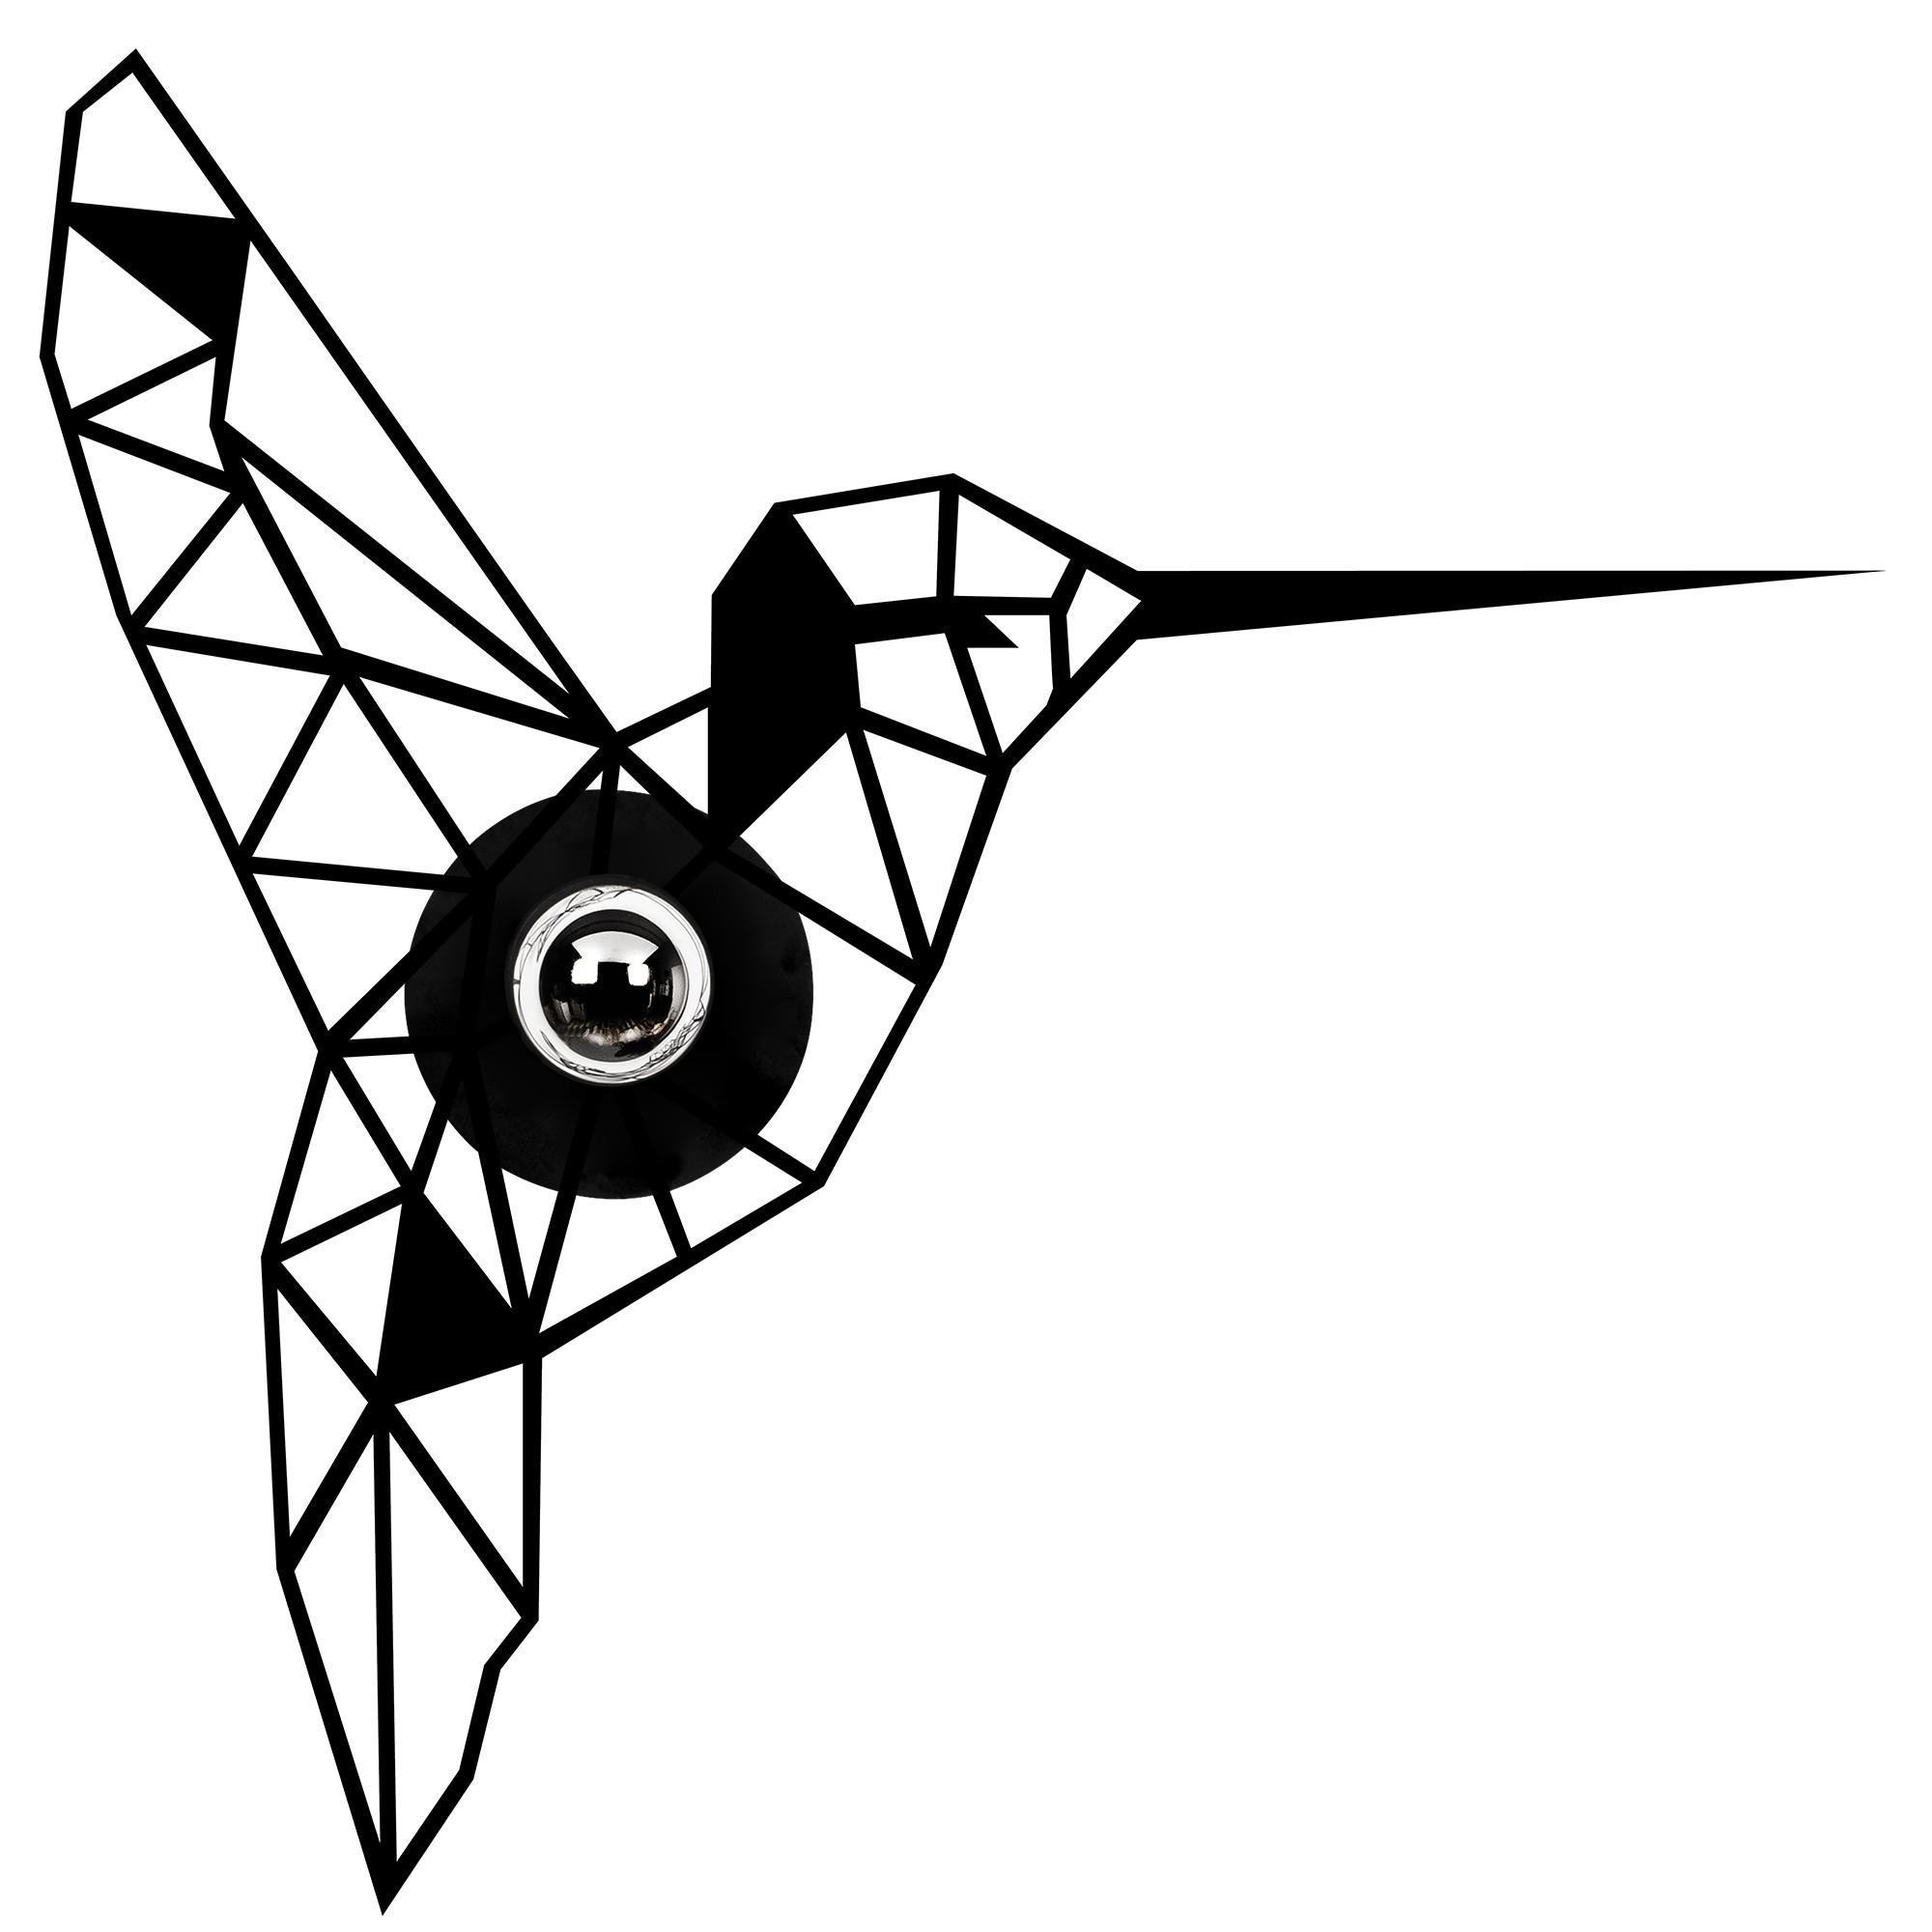 LED industriële wanddeco lamp dieren - Kolibrie - vogel - dimbaar - E27 fitting - vooraanzicht